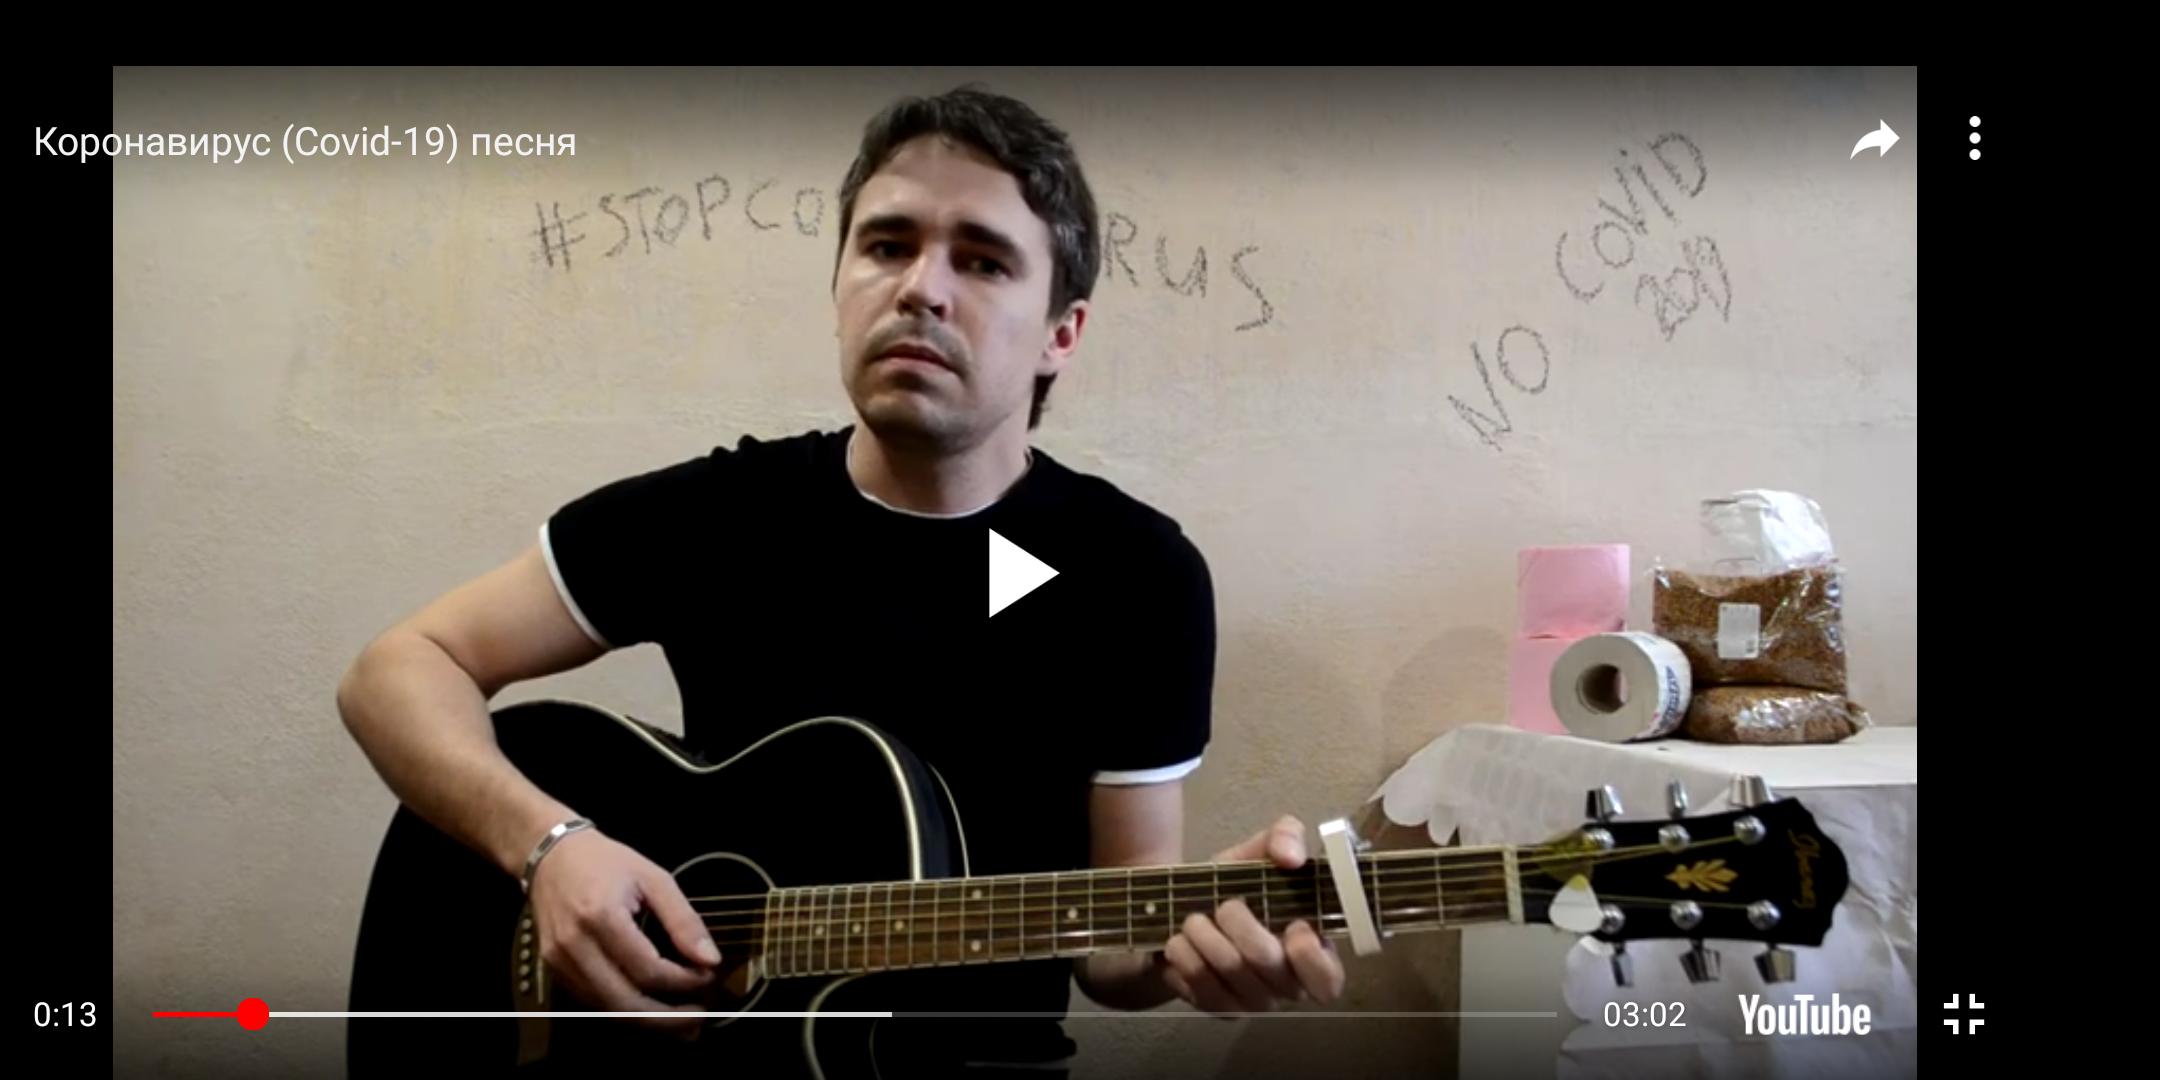 Тверской музыкант написал песню о борьбе с коронавирусом